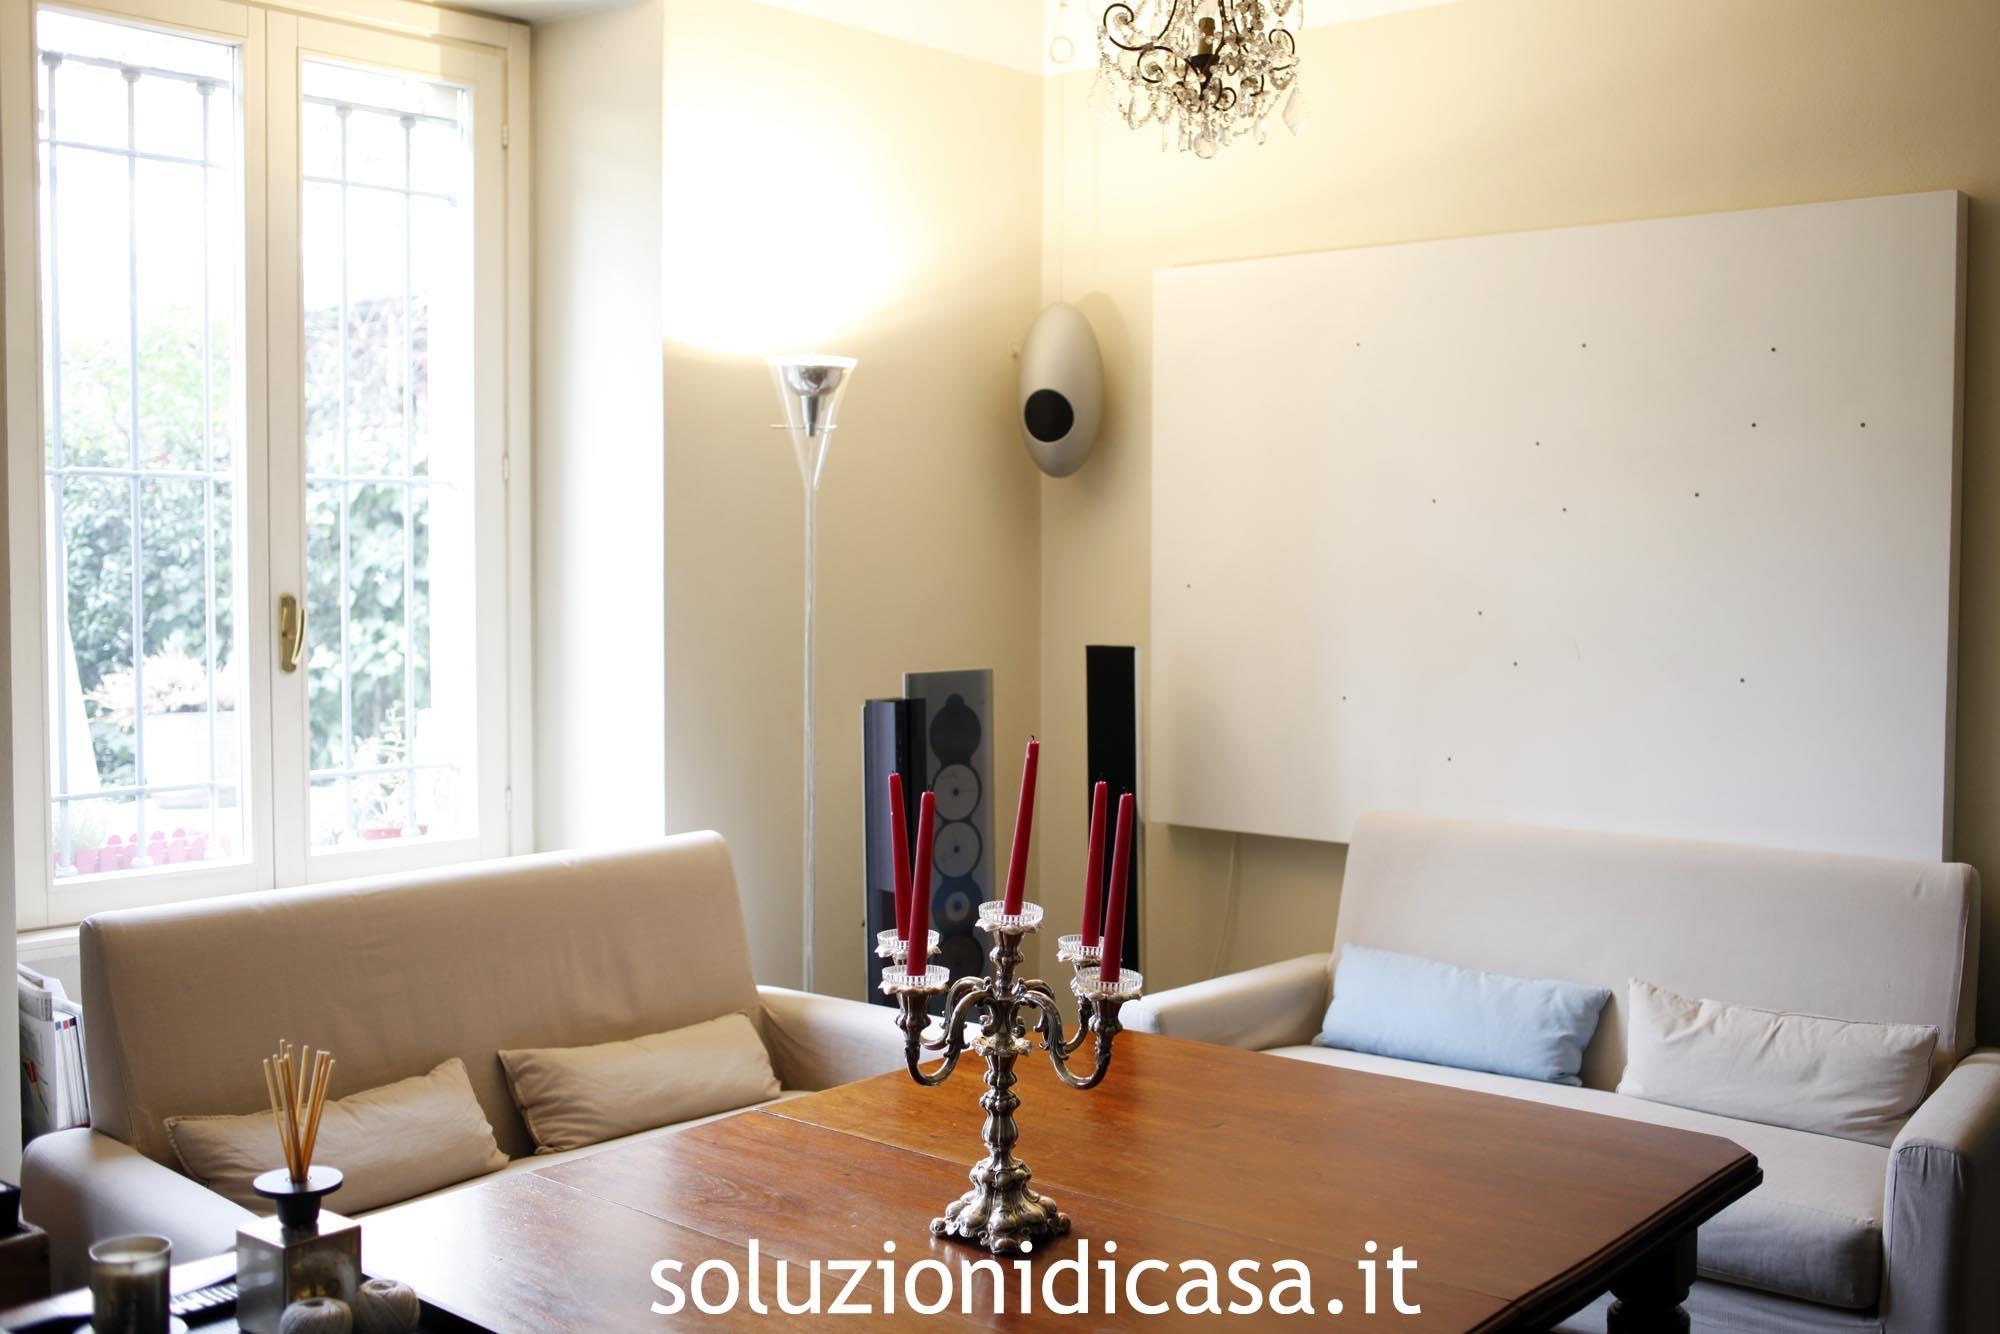 Gallery of colorare pareti di casa ogni colore trasmette - Colorare pareti casa ...